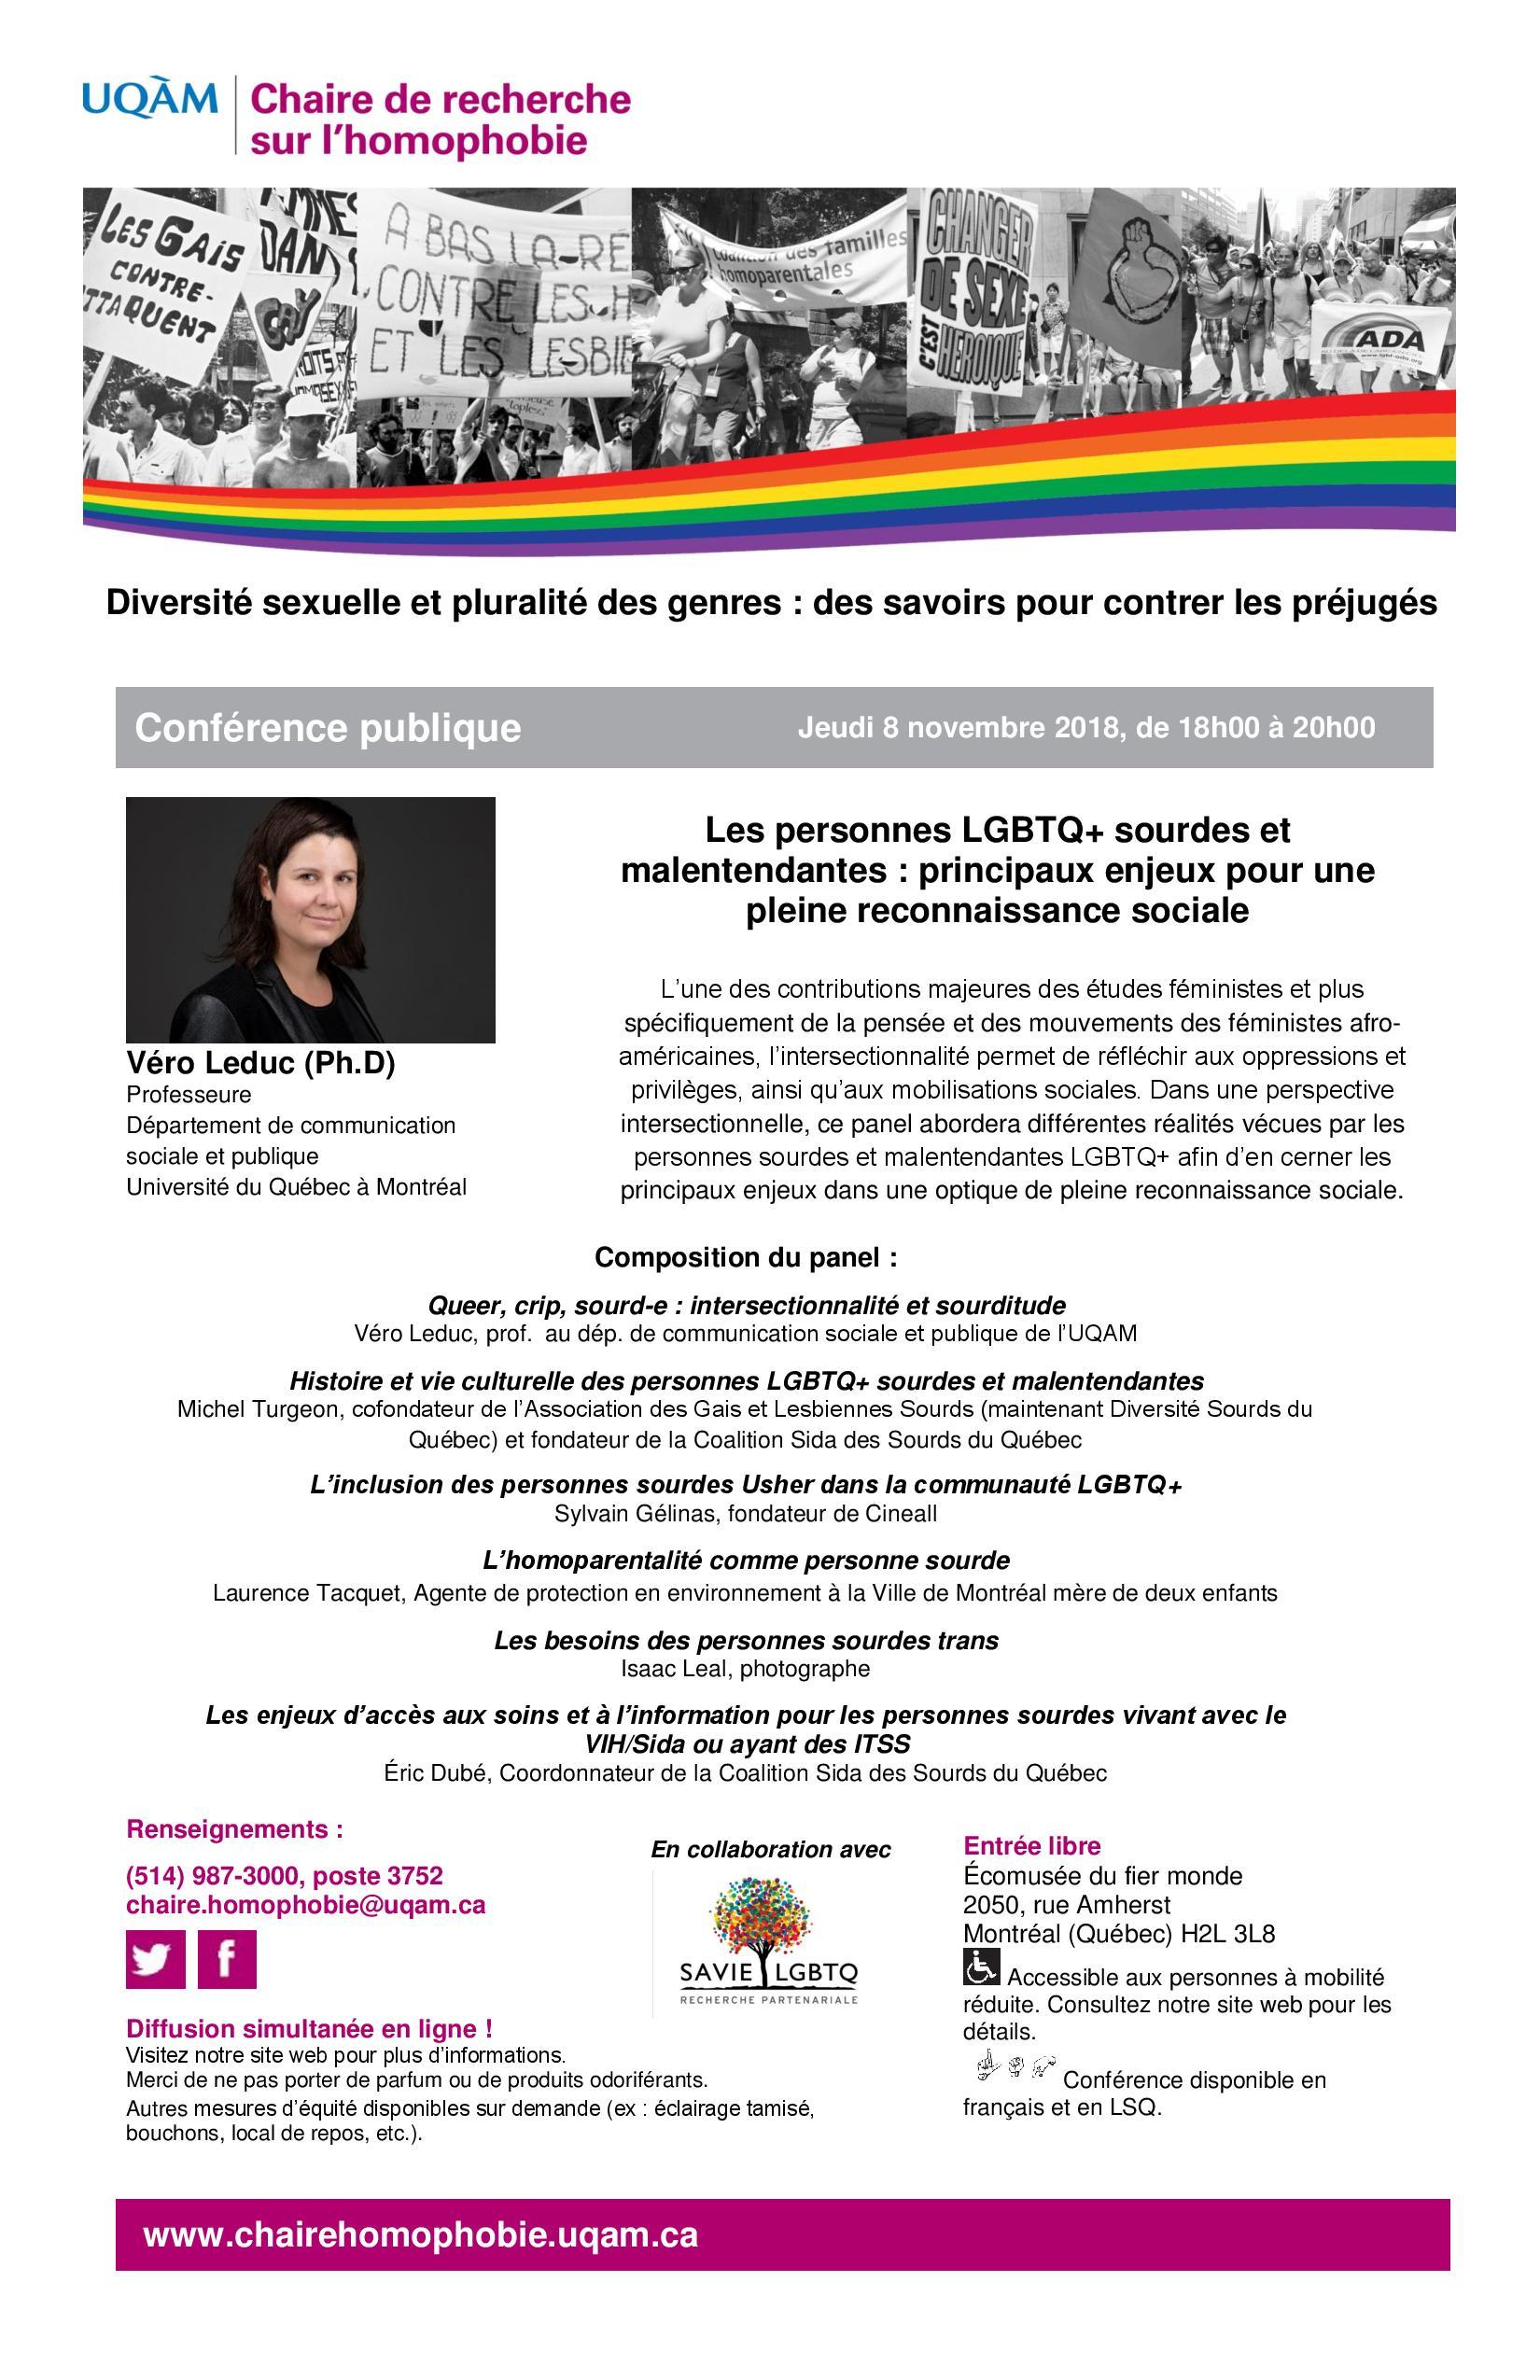 CONFÉRENCE PUBLIQUE | Les personnes LGBTQ+ sourdes et malentendantes : principaux enjeux pour une pleine reconnaissance sociale